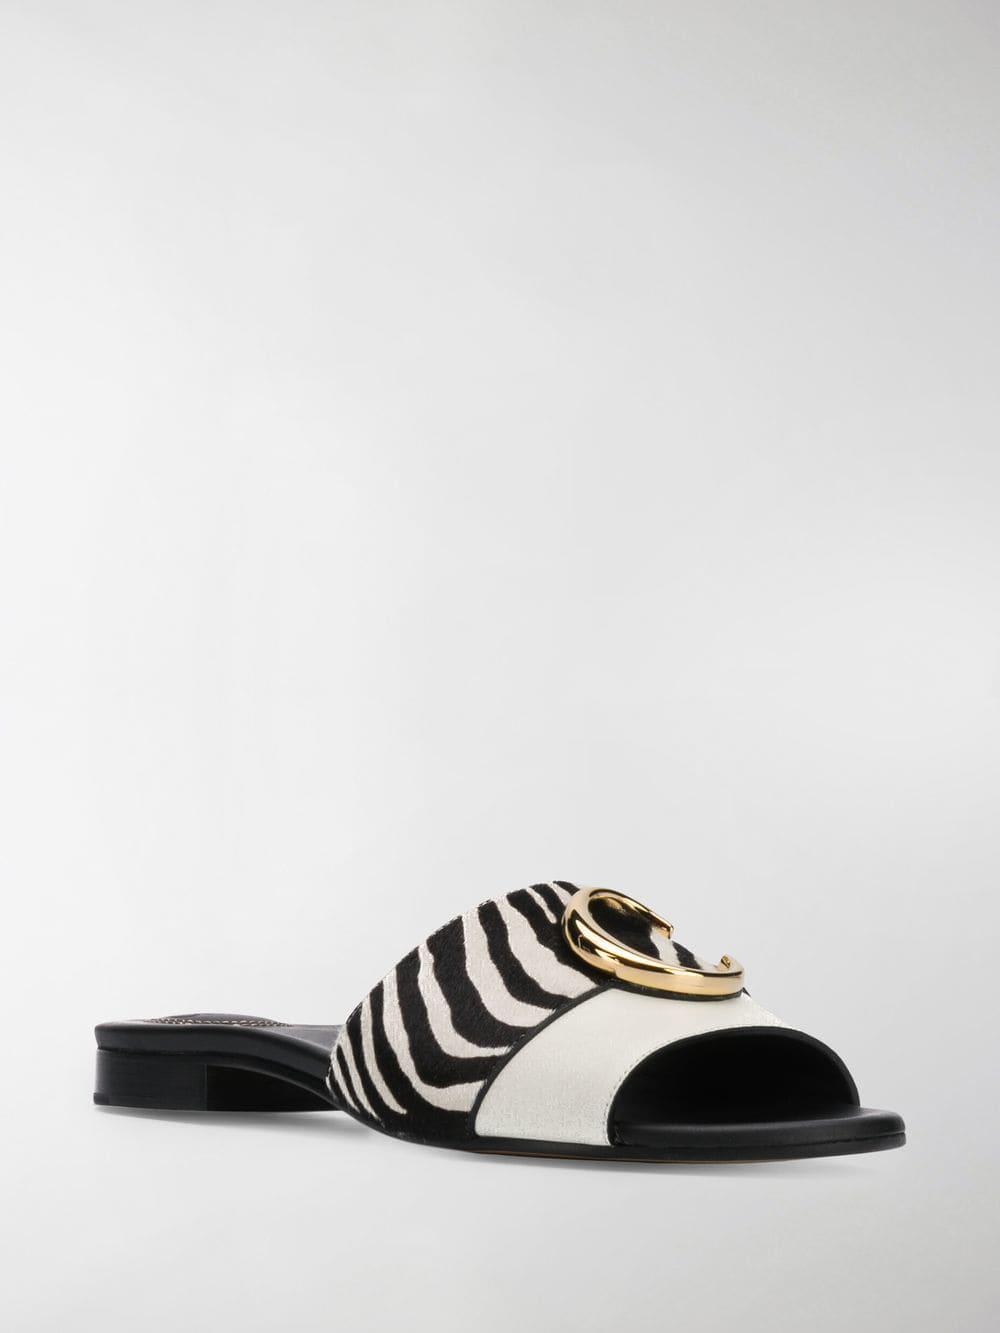 e61573418ffda Lyst - Chloé Zebra Stripe Mule Slides in White - Save 2%